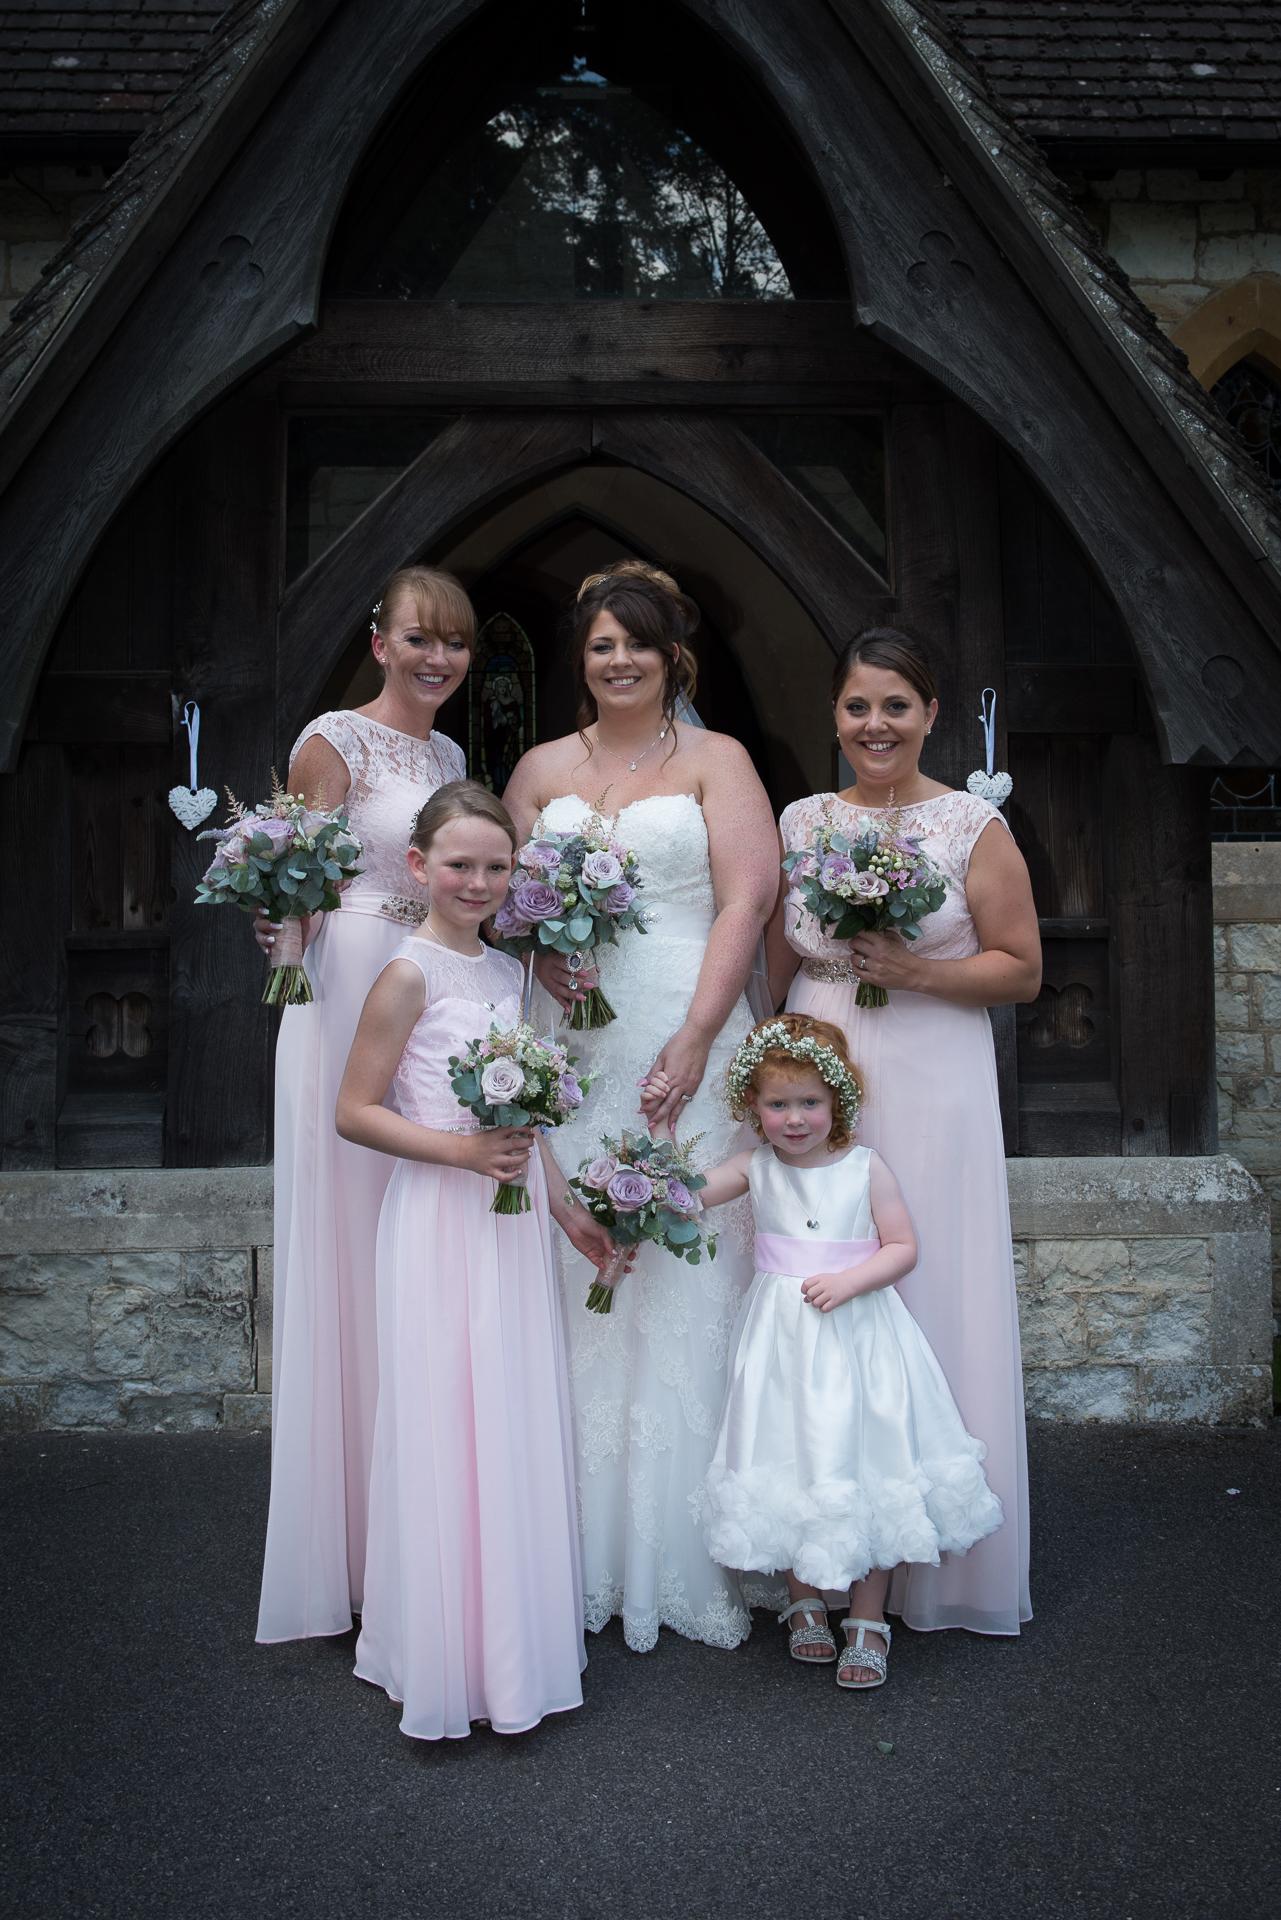 Frensham-Pond-Hotel-wedding_29.JPG